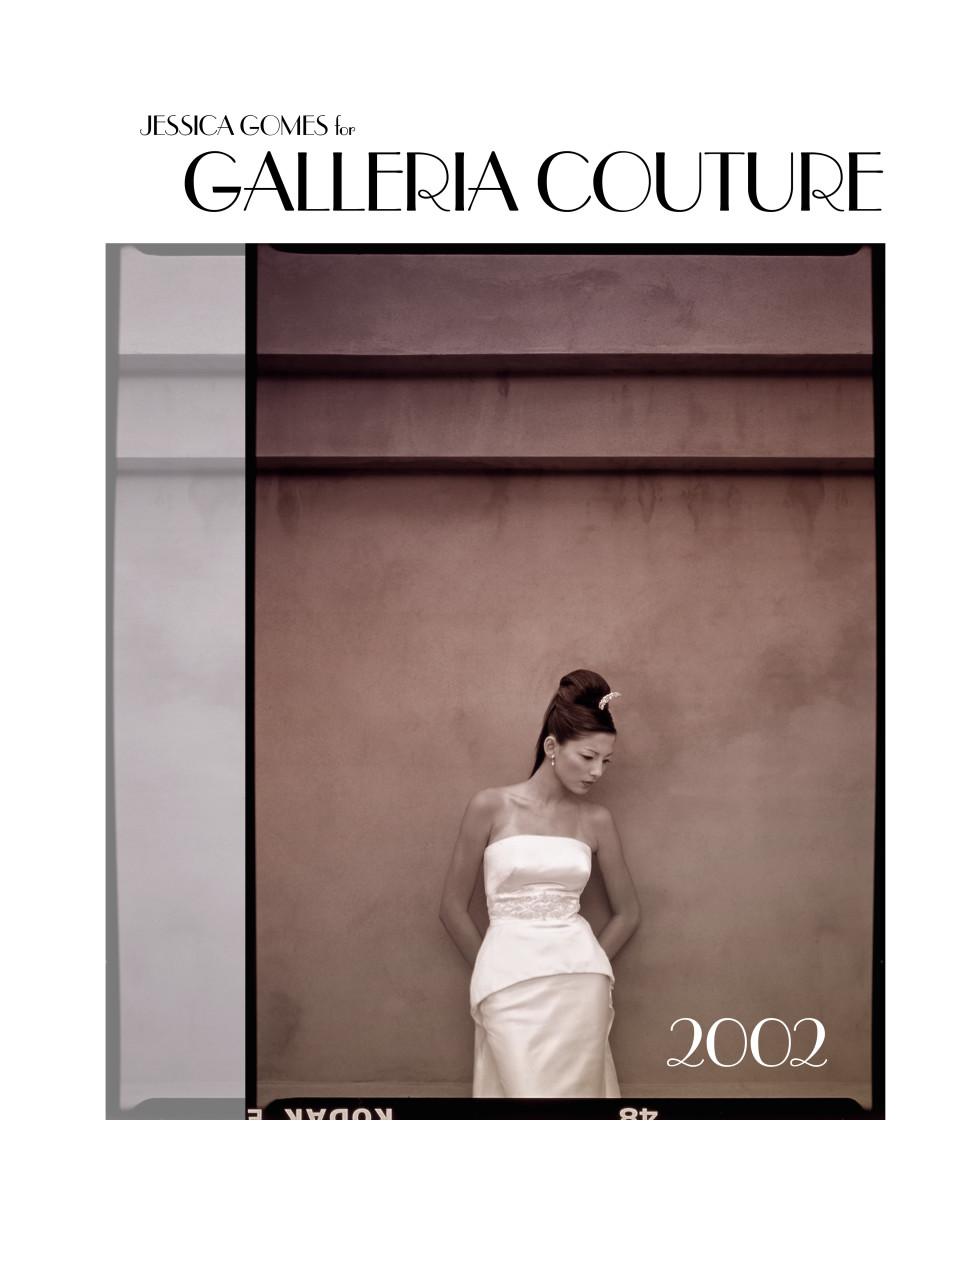 2002 jessica retrospective